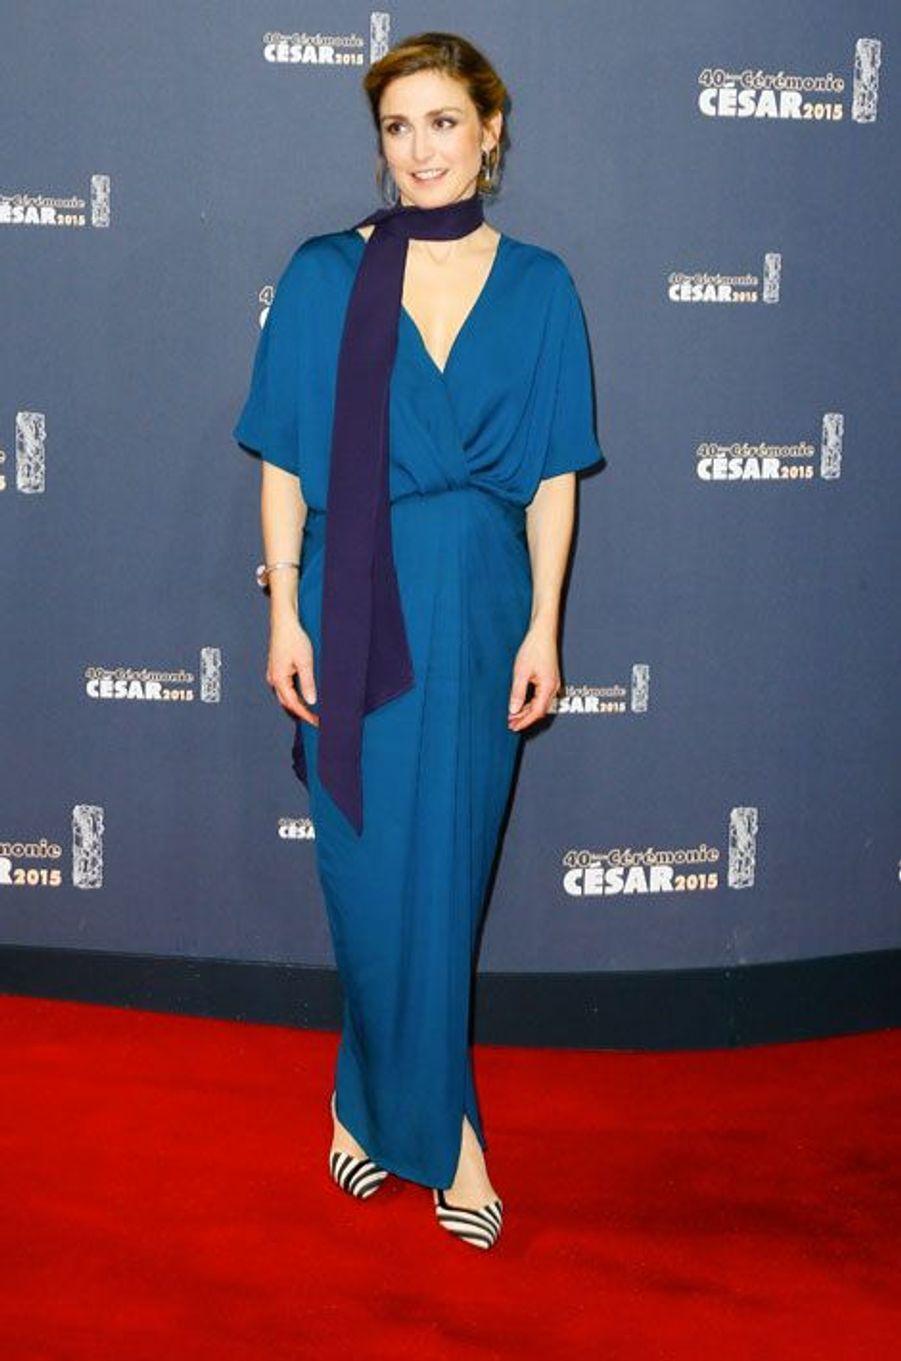 Julie Gayet lors de la cérémonie des César à Paris, le 20 février 2015